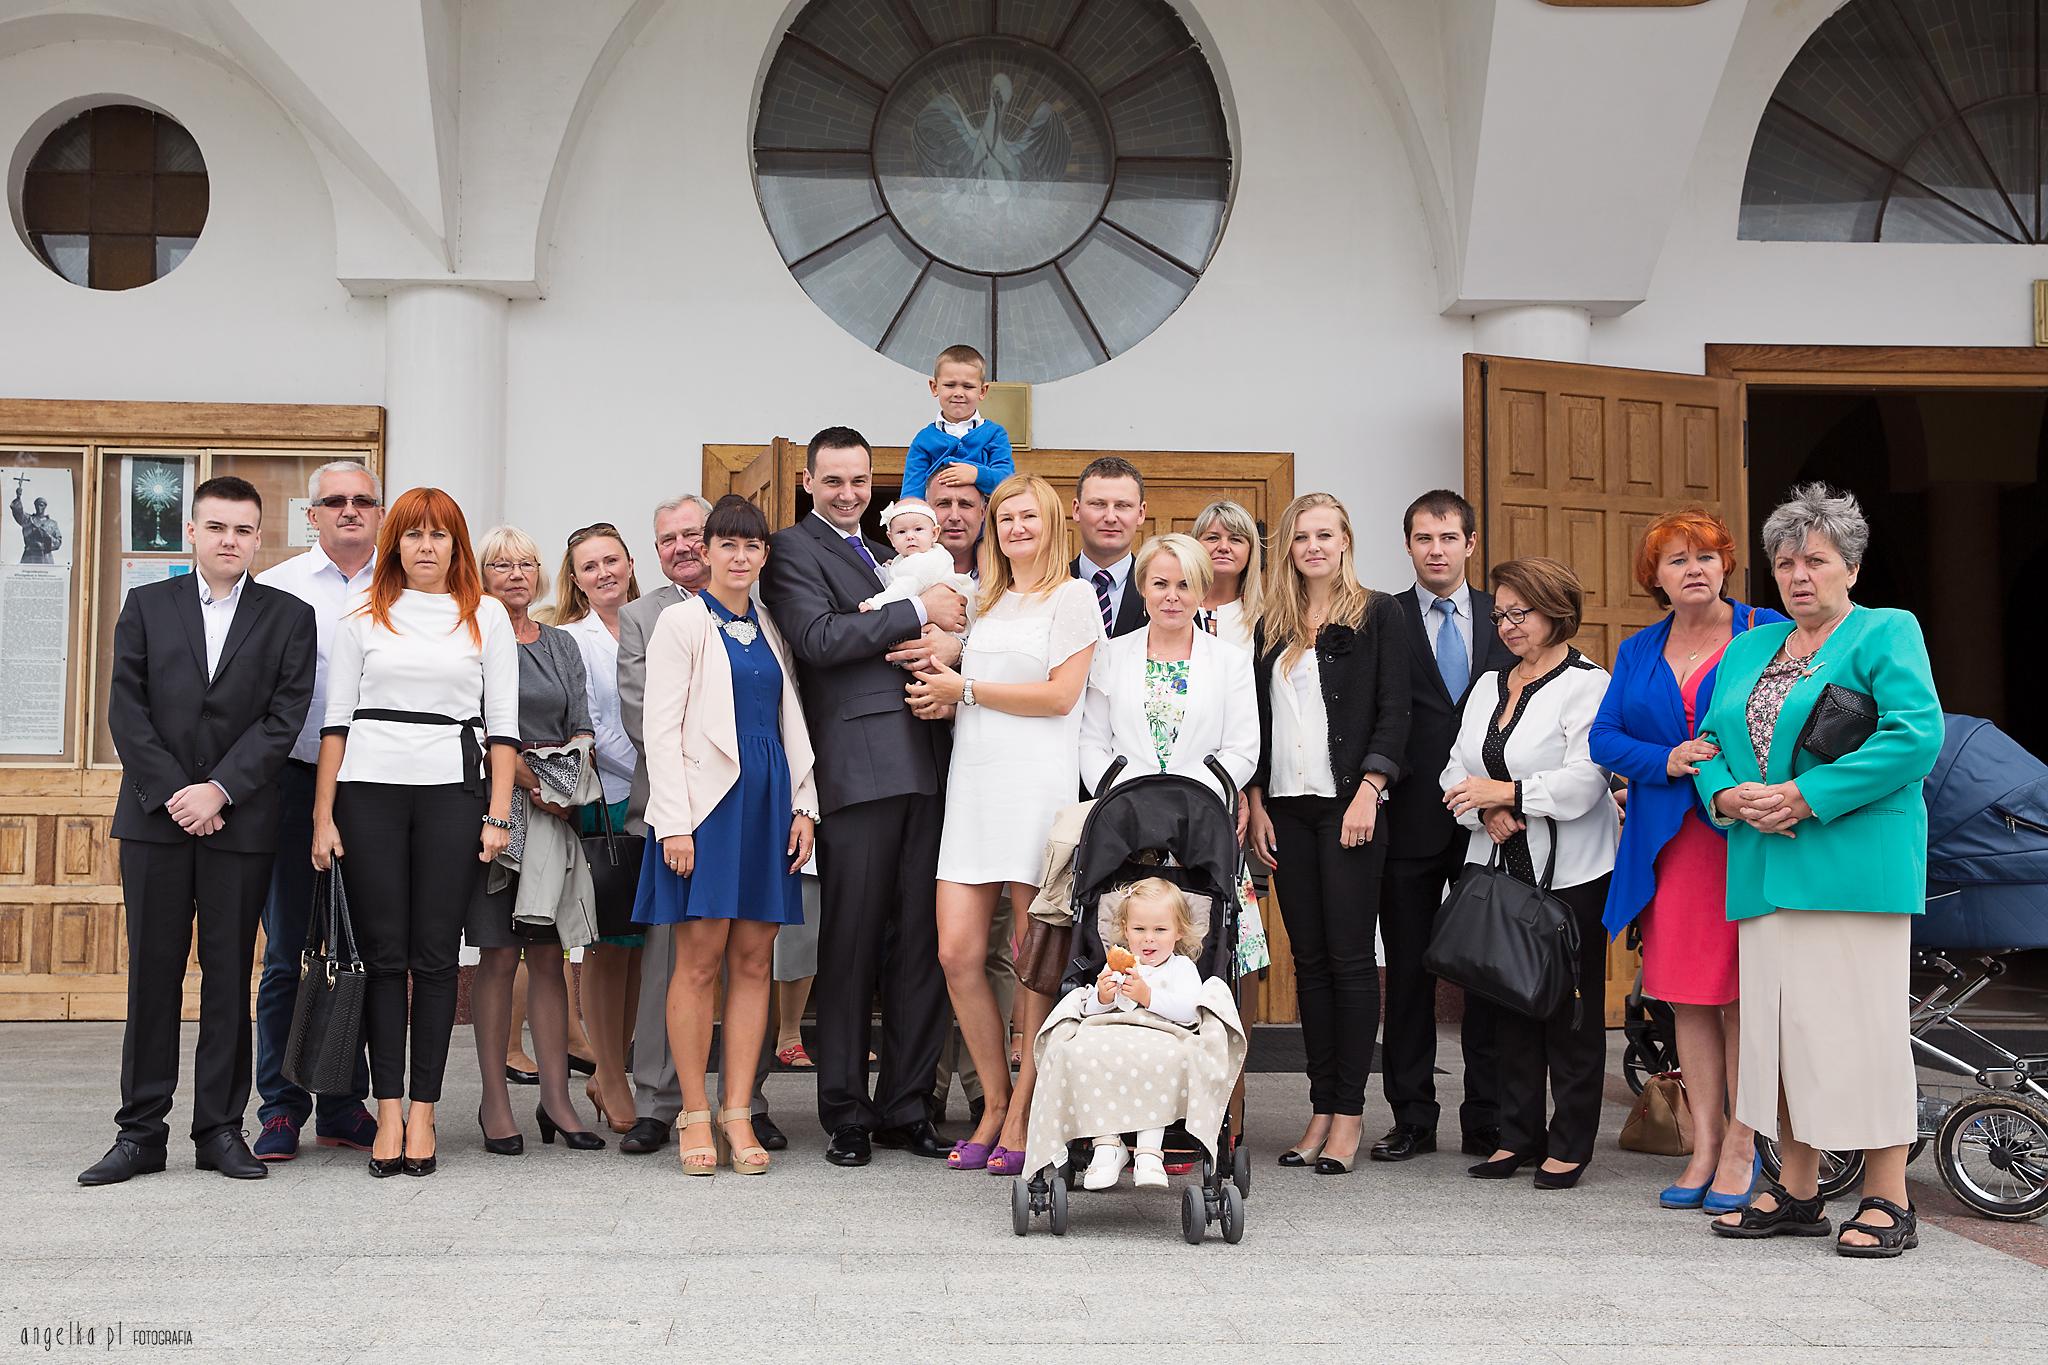 zdjęcie rodzinne - kościół